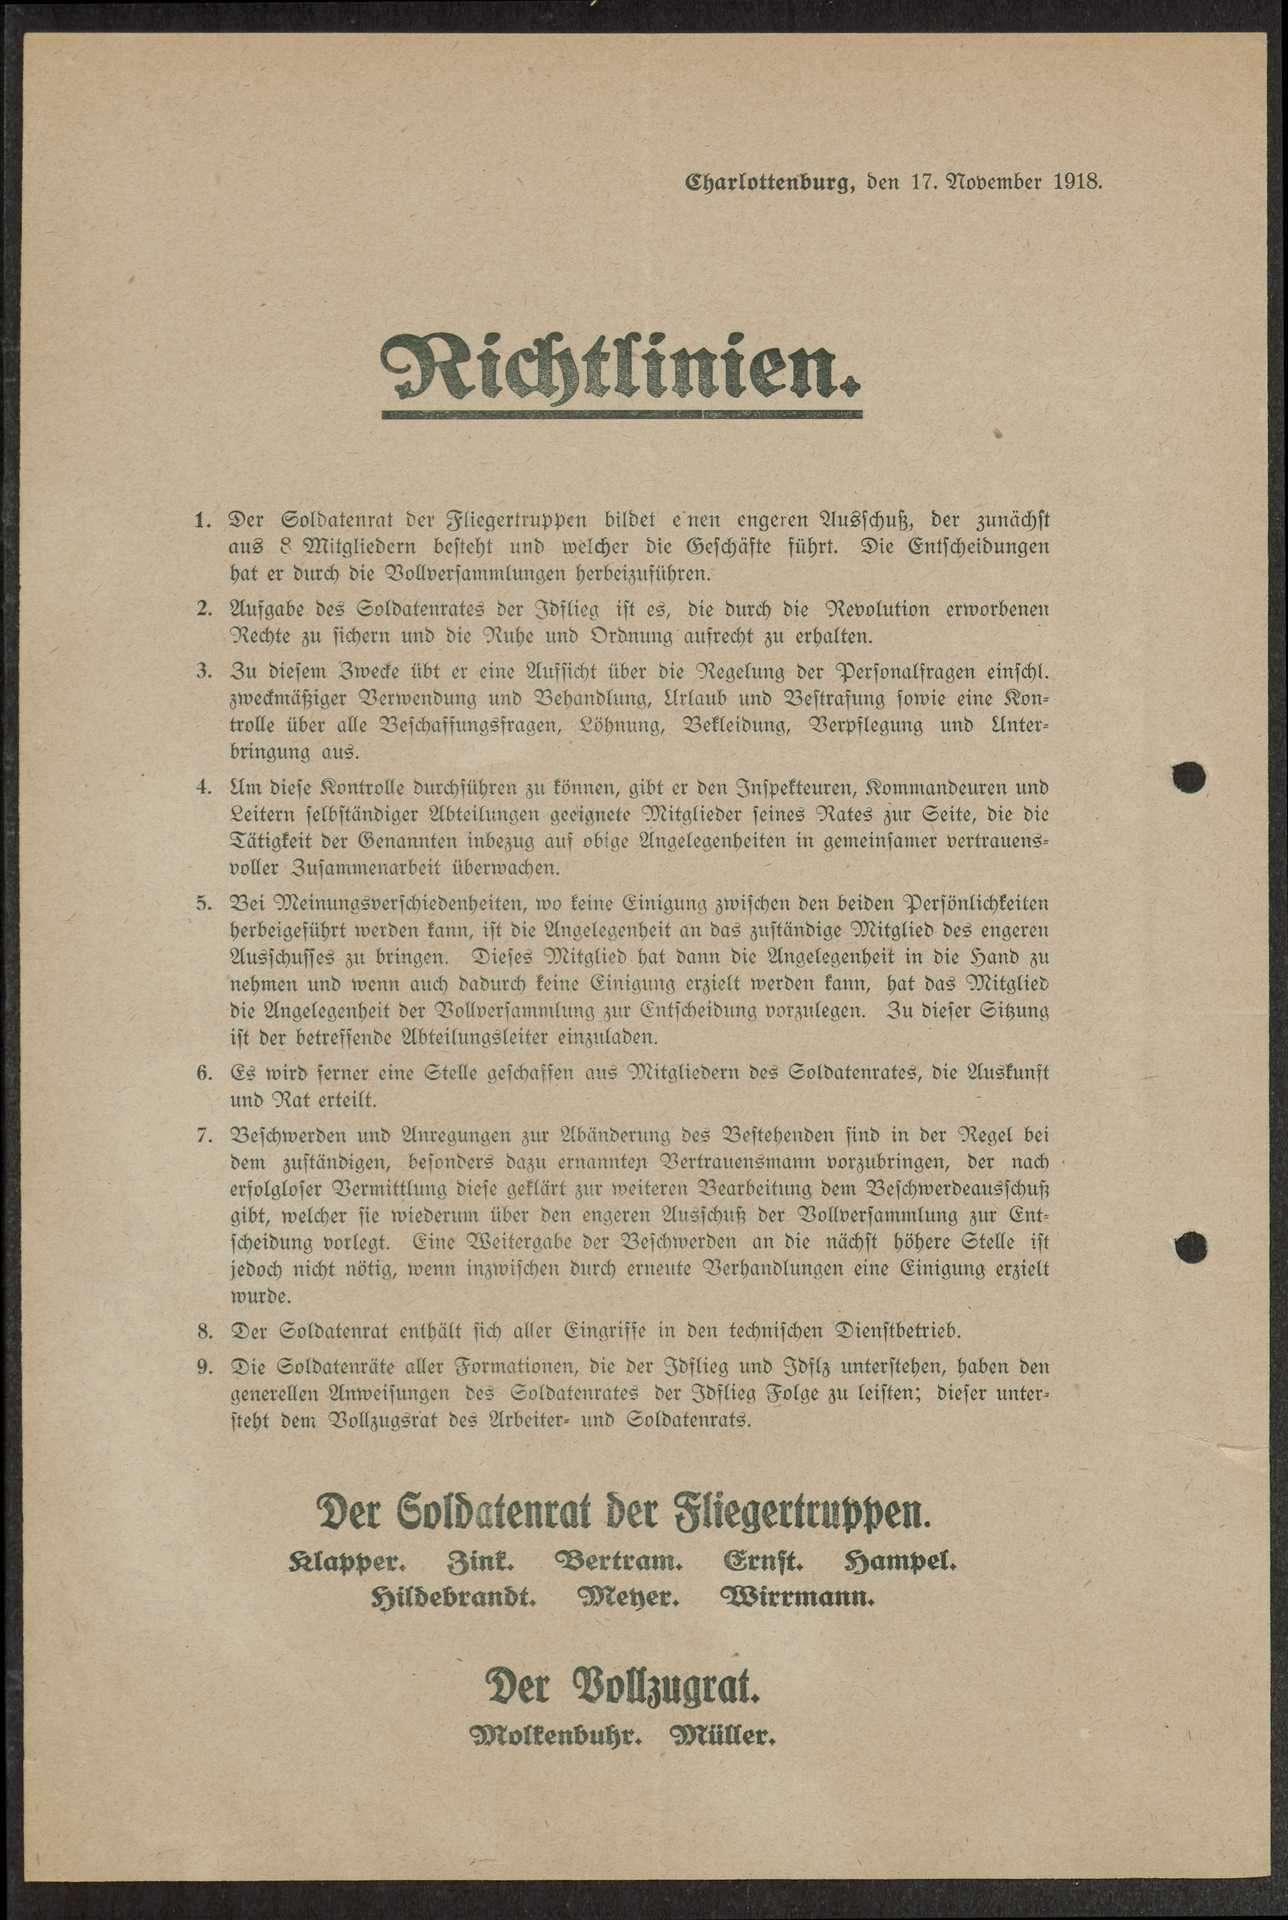 Bildung des Zentralsoldatenrats der Fliegertruppen, Protokoll des Delegiertentags der deutschen Fliegerverbände in (Berlin-) Charlottenburg, Bild 2